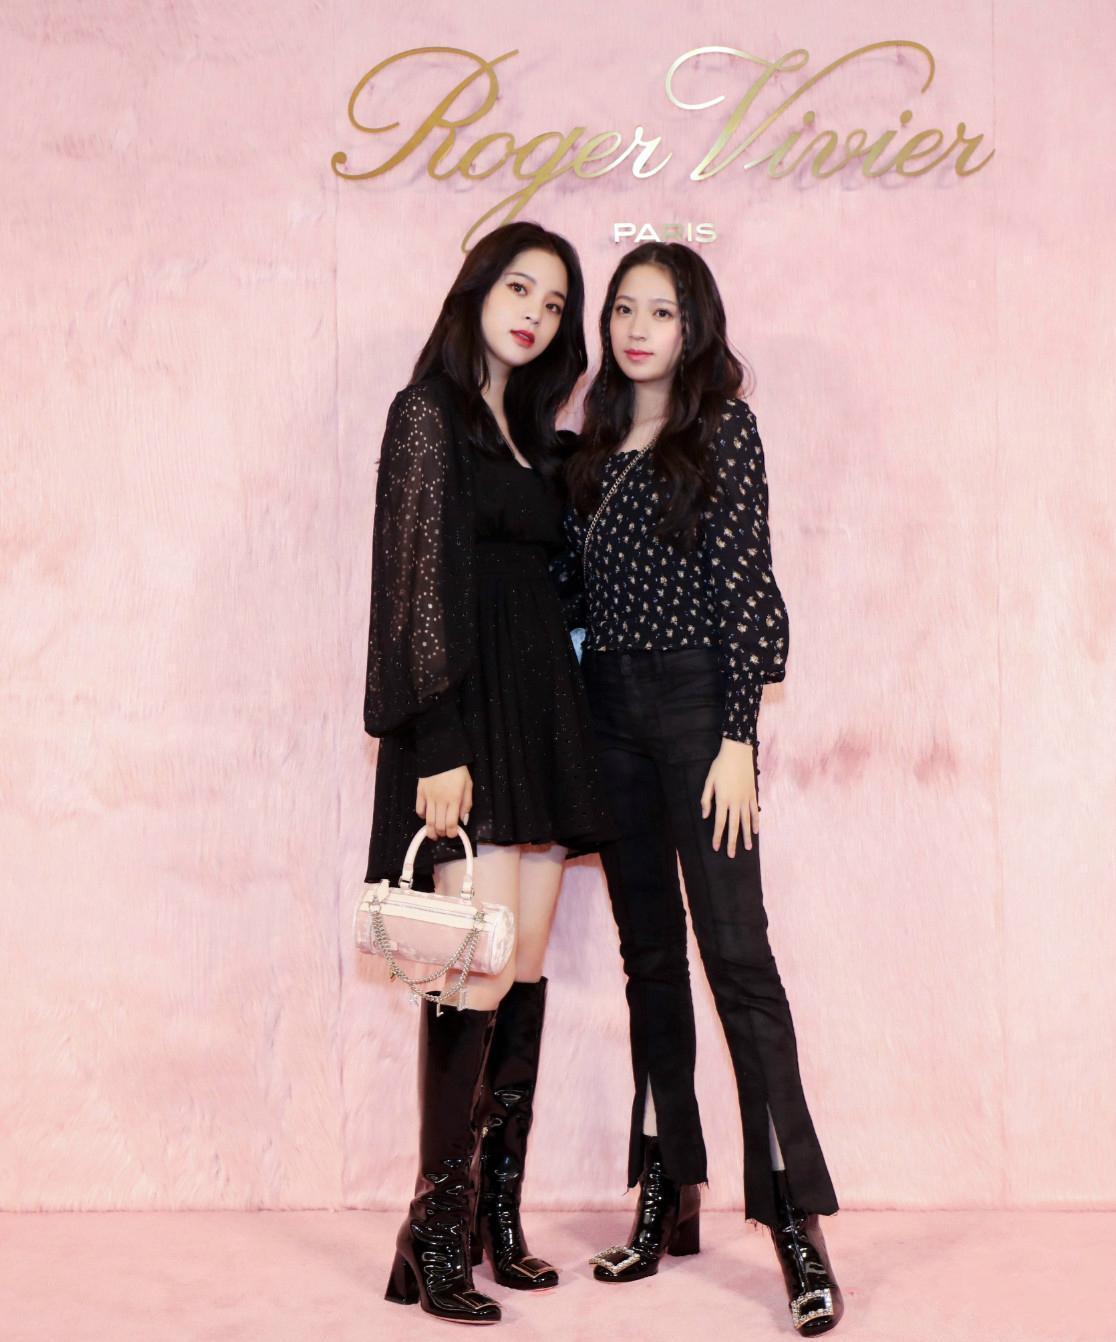 16歲的歐陽娣娣(右)已經長得快跟二姐娜娜(左)一樣高,這幾年她變更高、更正了!原來是因為…(翻攝自Roger Vivier微博)